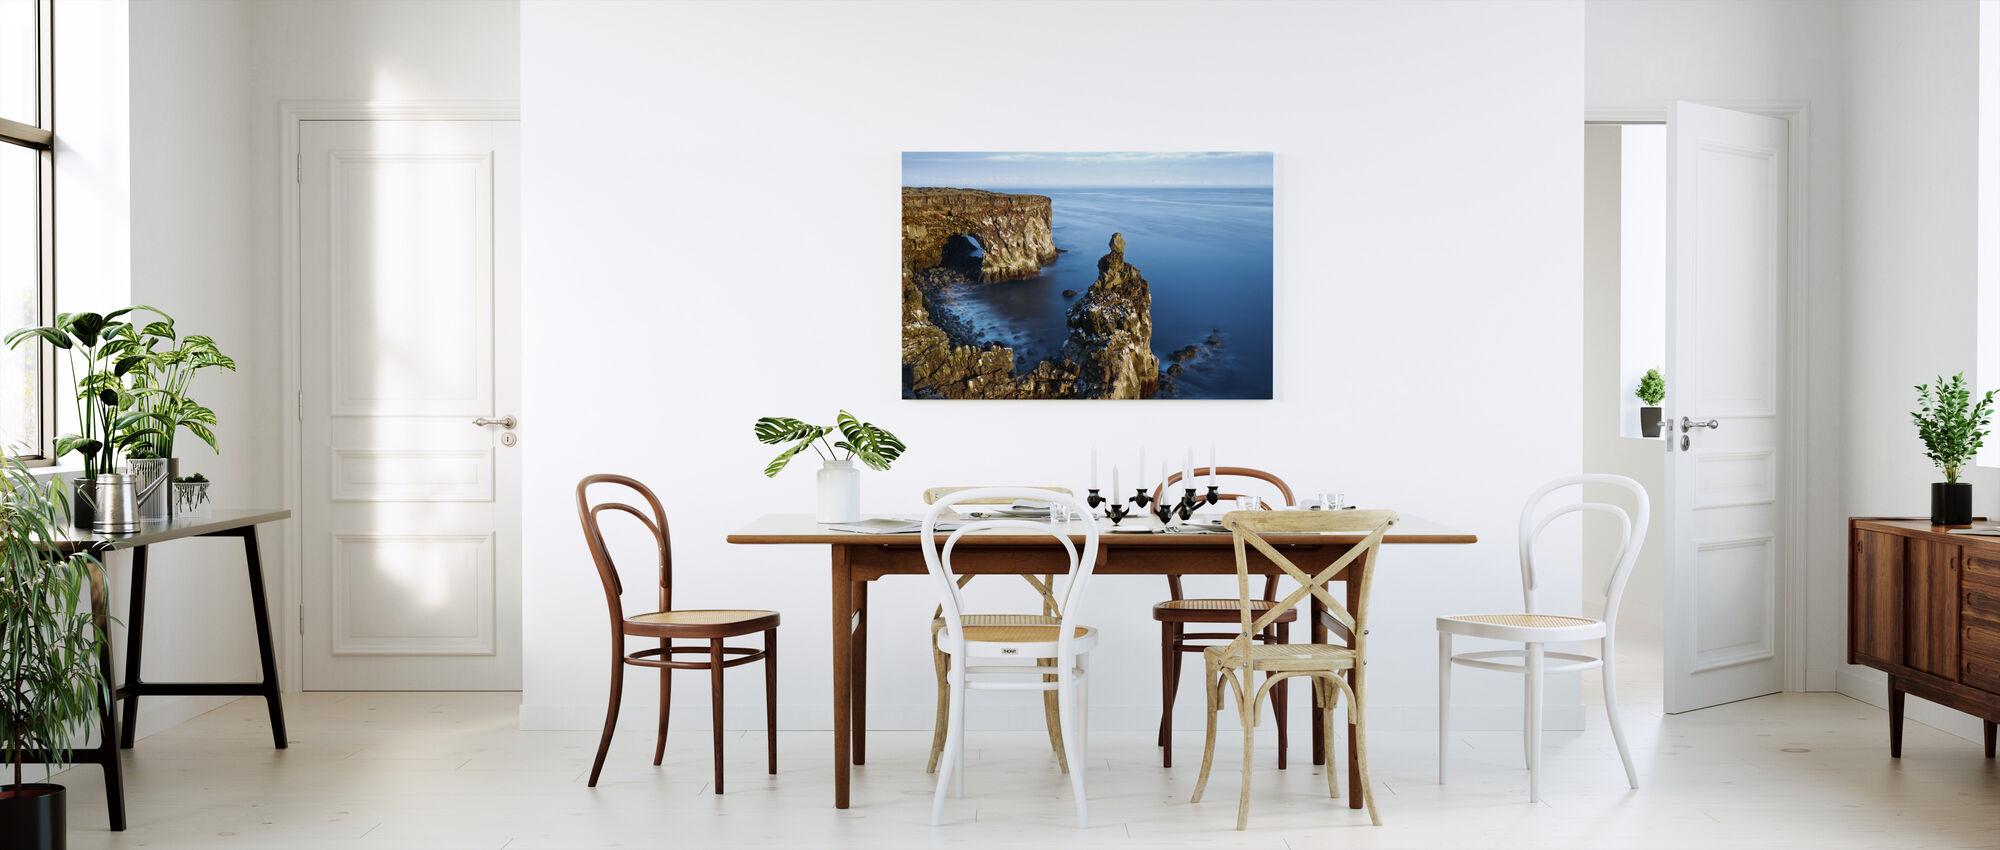 Svortuloft Cliffs - Iceland - Canvas print - Kitchen